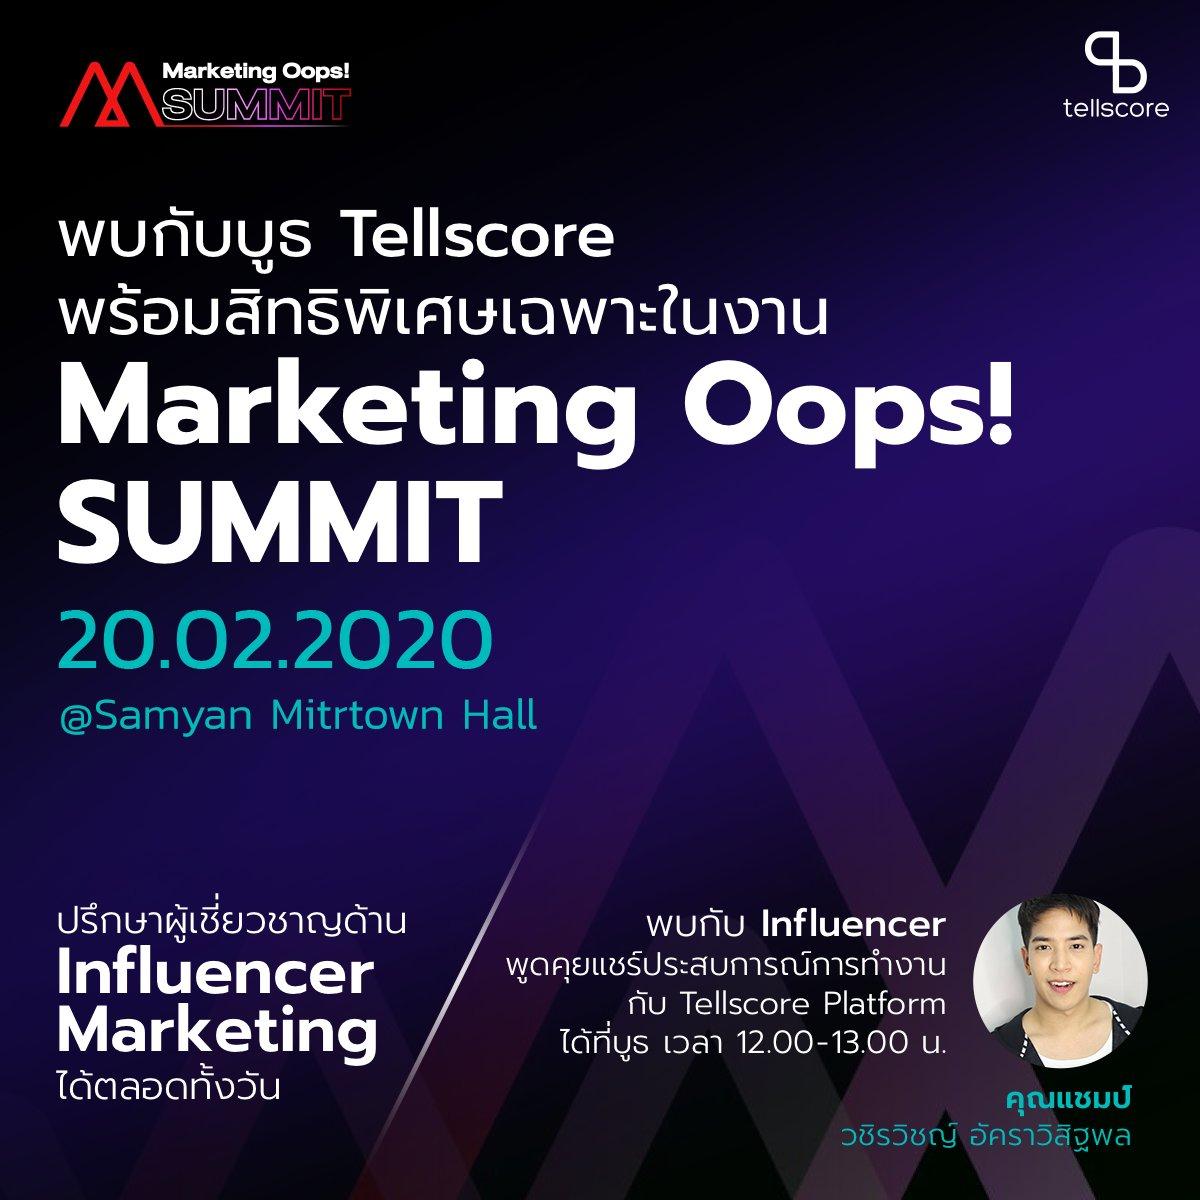 พบกับ #Tellscore และสิทธิพิเศษเฉพาะในงาน Marketing Oops! SUMMIT   20.02.2020   สามย่านมิตรทาวน์ ฮอลล์  ปรึกษาผู้เชี่ยวชาญด้าน #influencermarketing ตลอดวัน และพูดคุยประสบการณ์ทำงานผ่าน Tellscore กับ #Influencer คุณแชมป์-วชิรวิชญ์  เวลา 12.00-13.00 น.  #MarketingoopsSummit2020pic.twitter.com/MPMv9voKrU